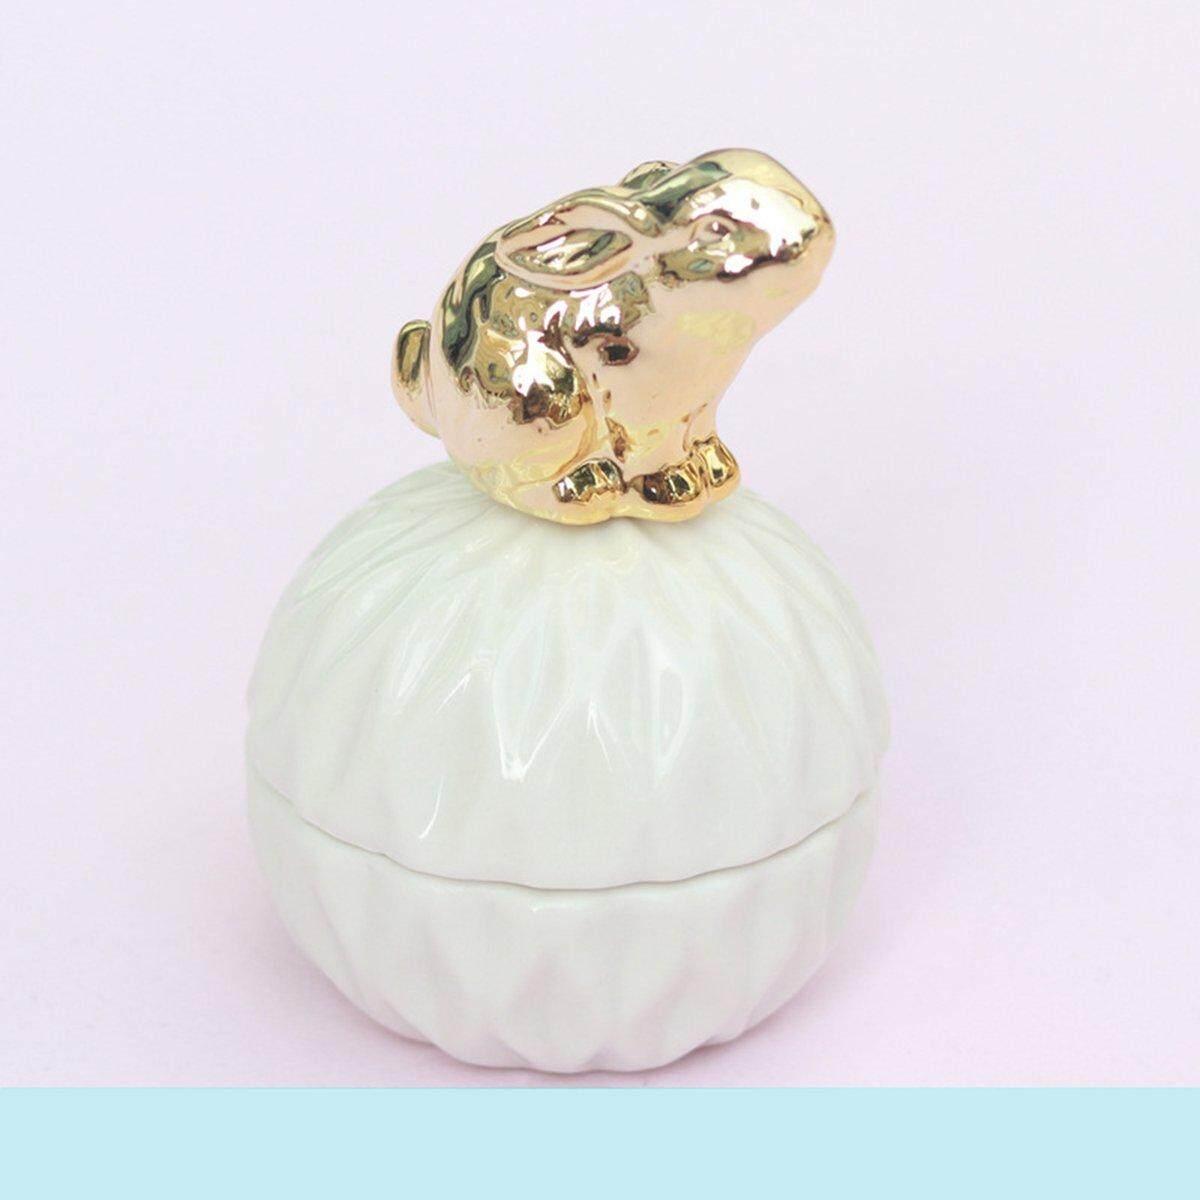 Penjualan Terlaris Perhiasan Keramik Kotak dengan Tutup Kotak Penyimpanan Gadis Hadiah 2019 Terbaru Gadis Hadiah